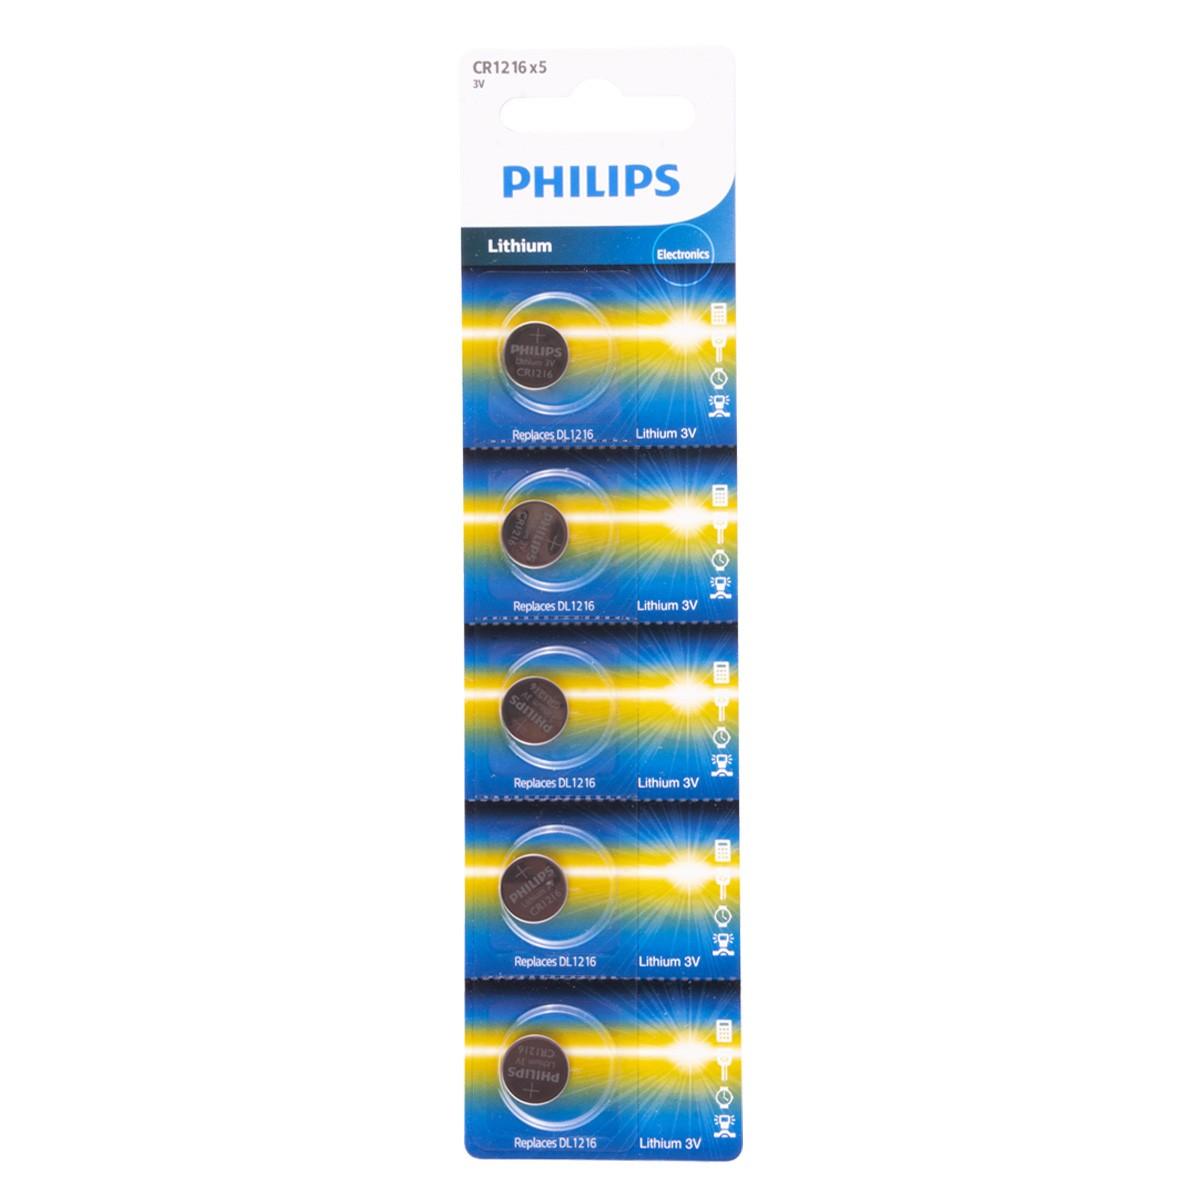 10 Pilhas PHILIPS CR1216 3v Bateria Original - 2 cartelas